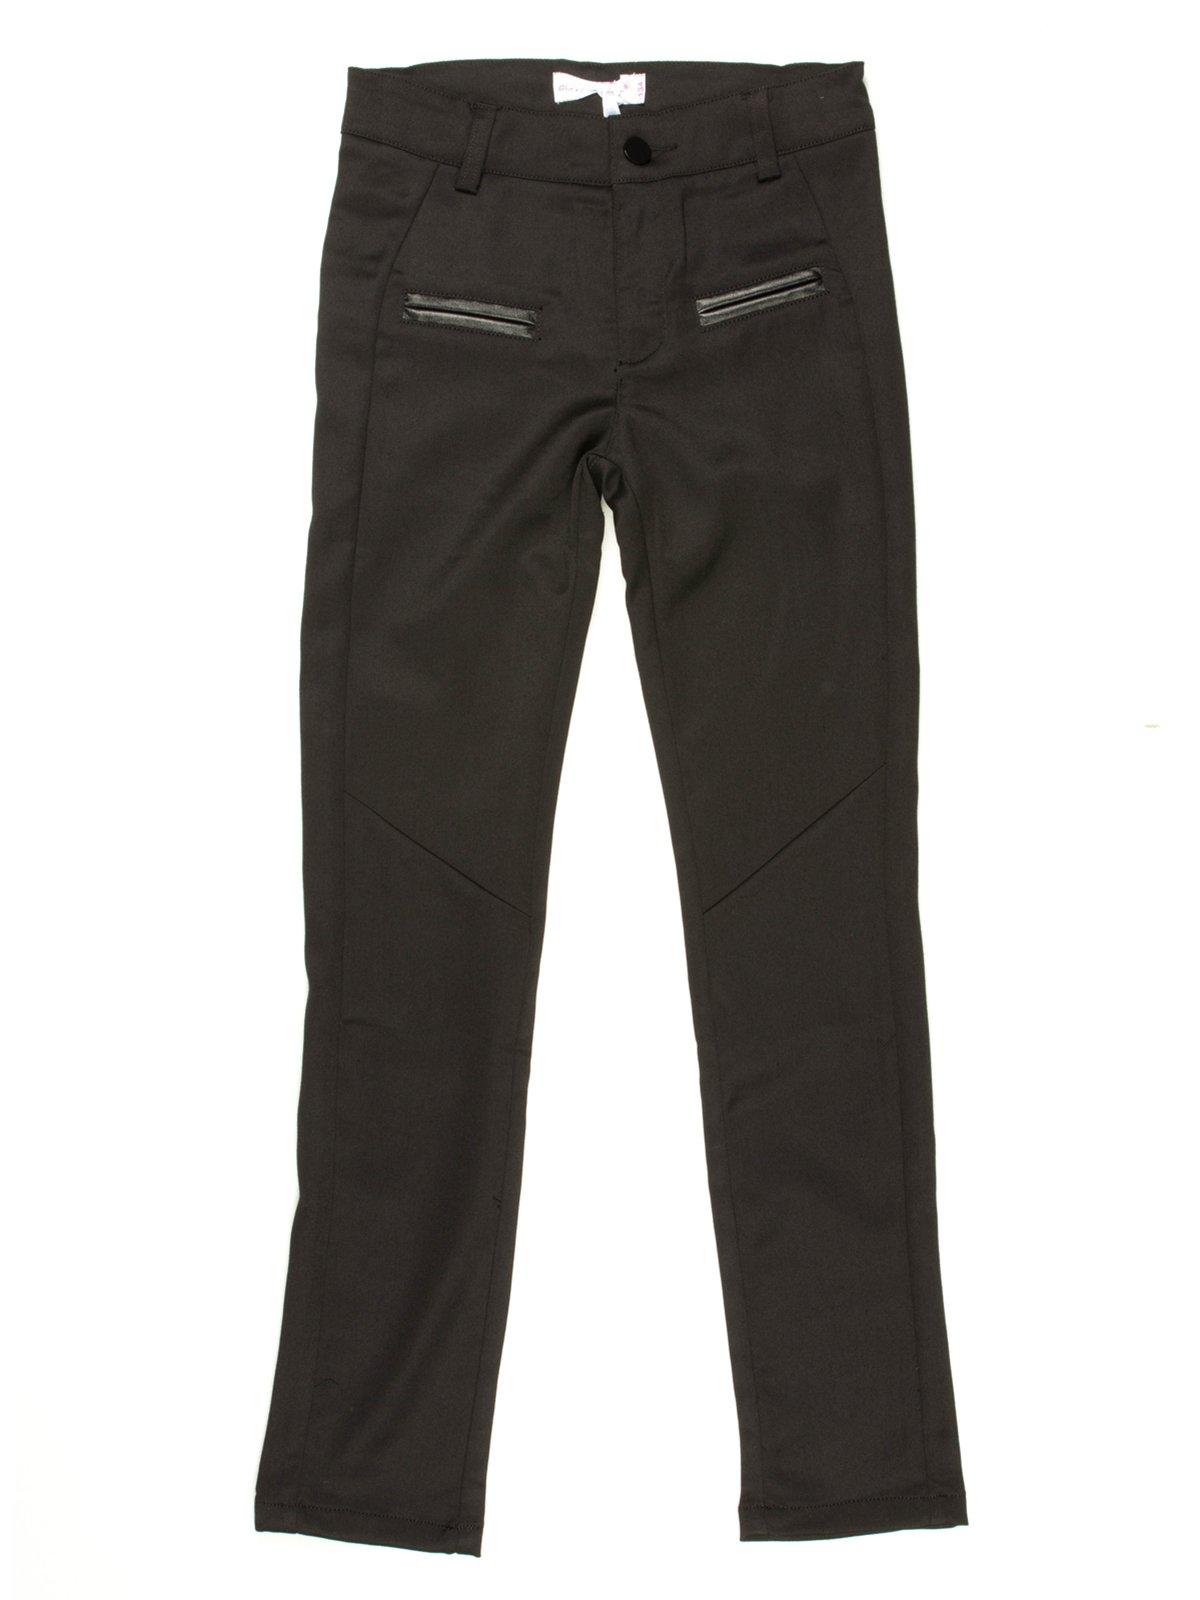 Брюки черные с карманами | 514111